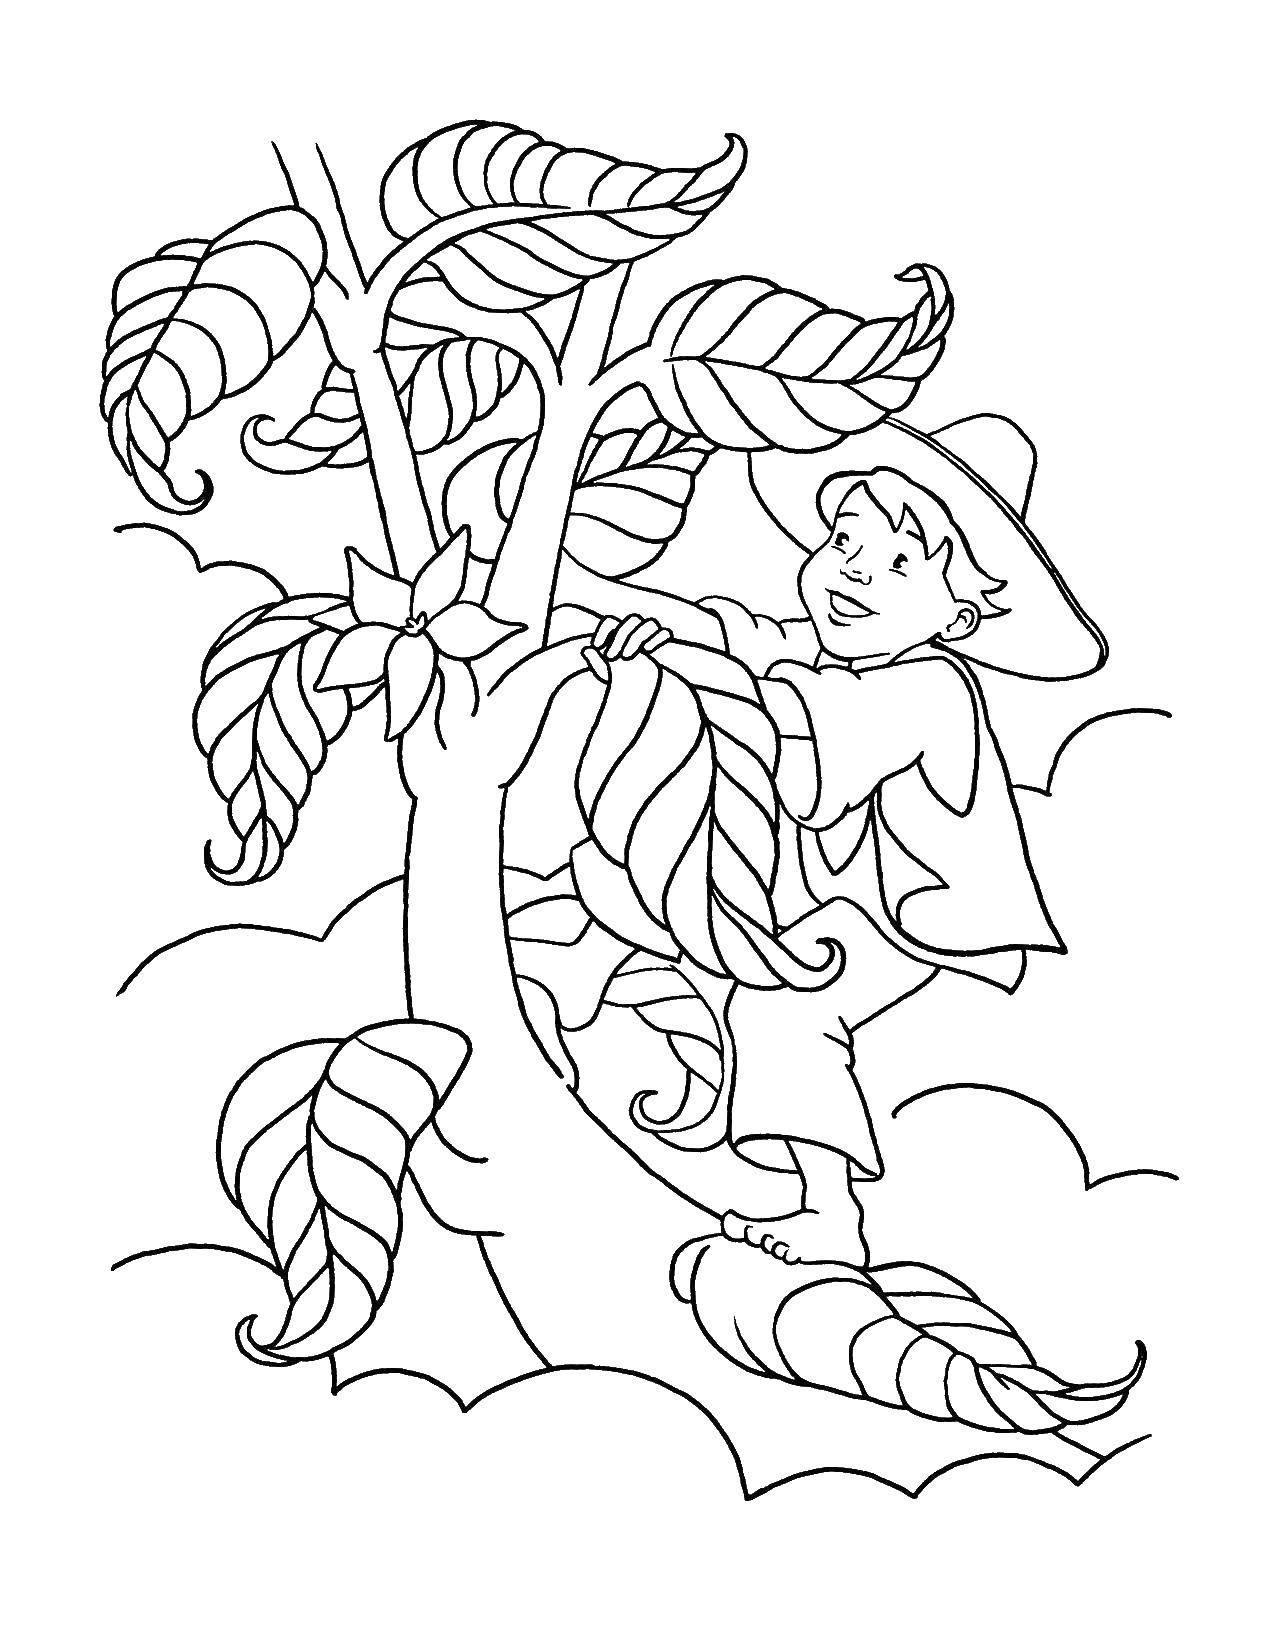 Раскраска Джек и бобовое дерево Скачать сказка, джек, бобовое дерево.  Распечатать ,Сказки,